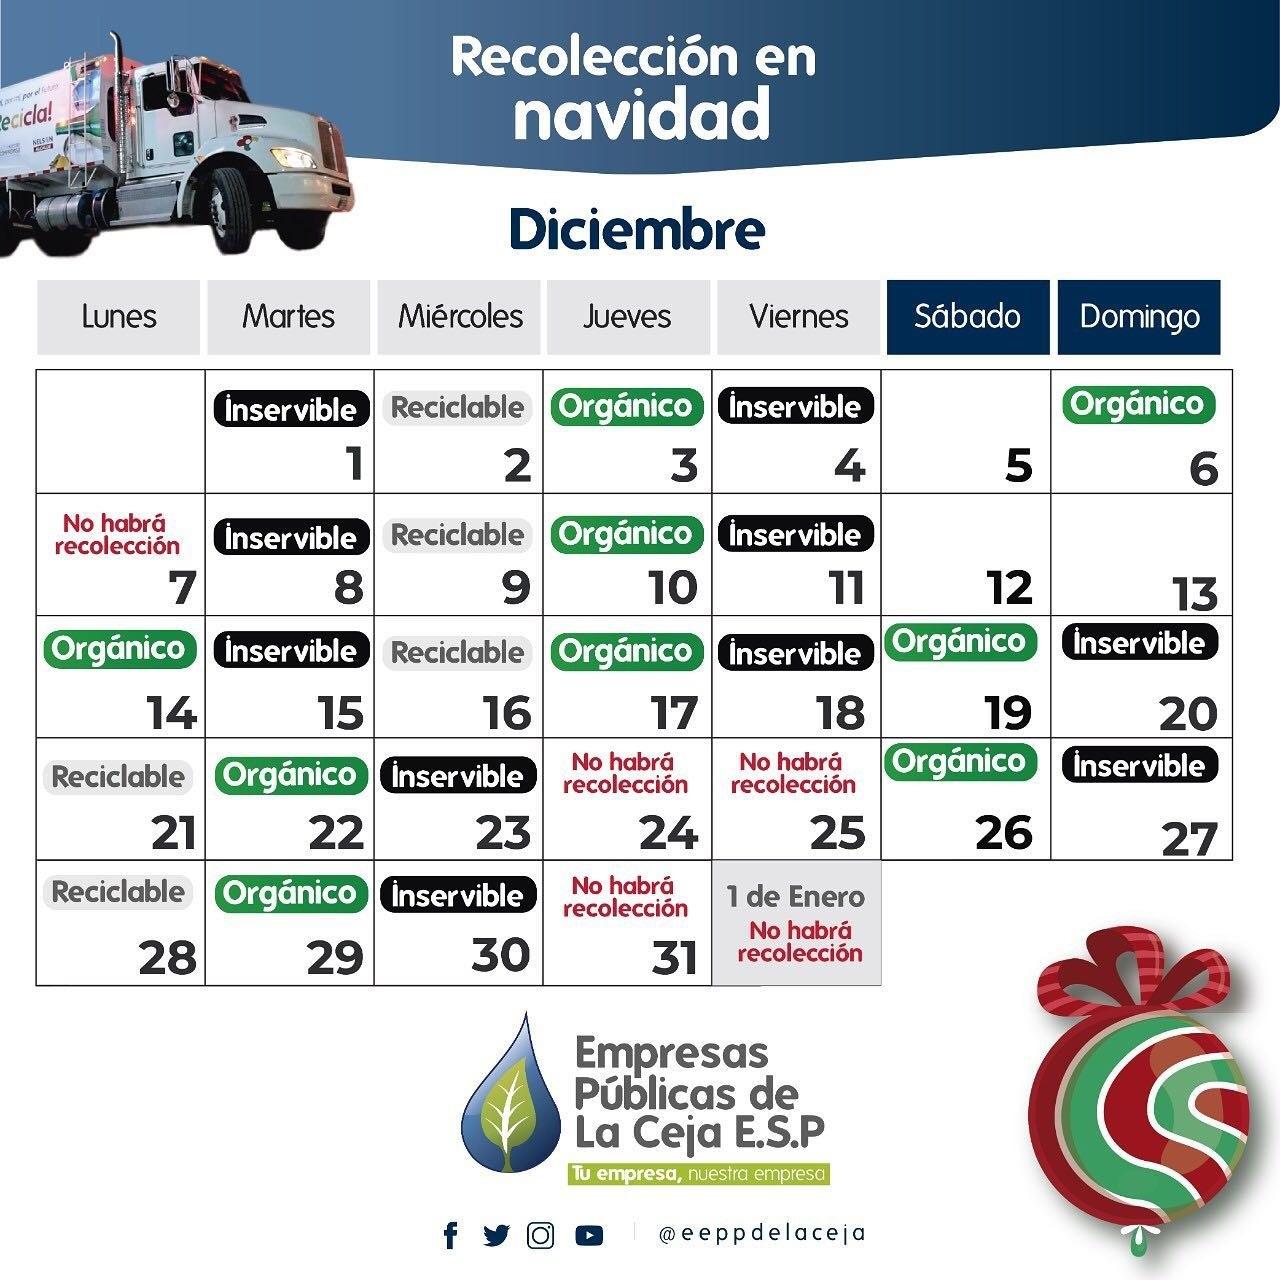 calendario-recoleccion-en-navidad-2020-12-06